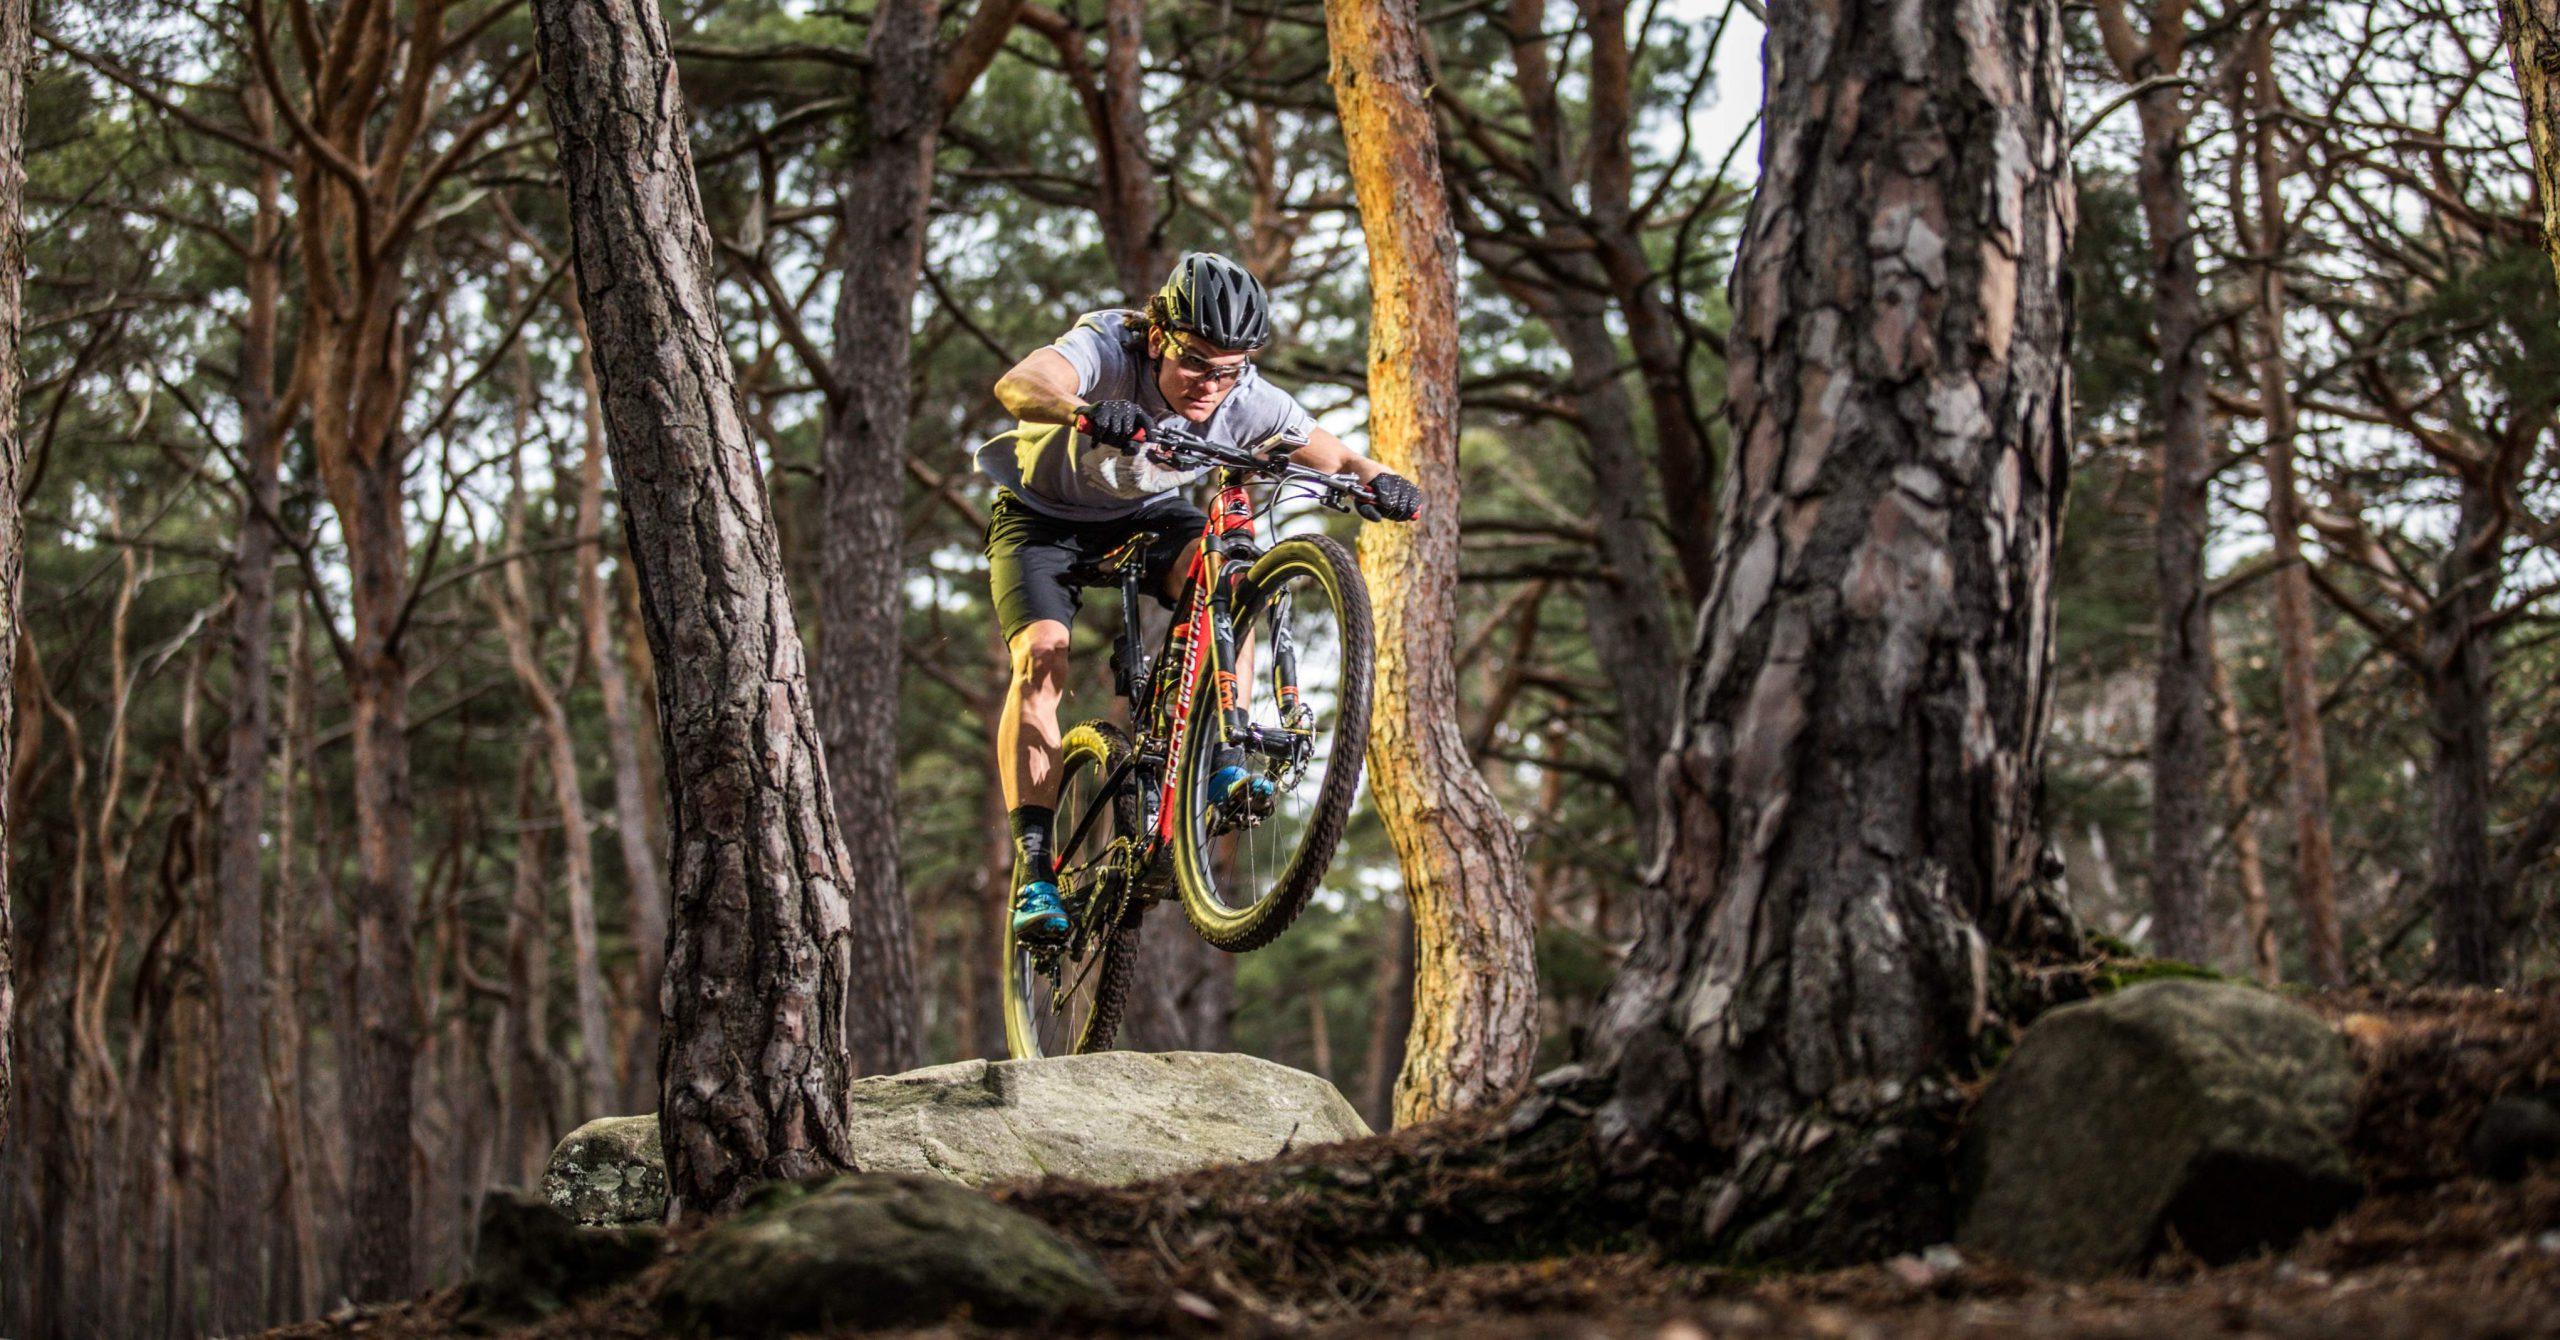 Mountainbike Checkliste für Fortgeschrittene: Was brauche ich?